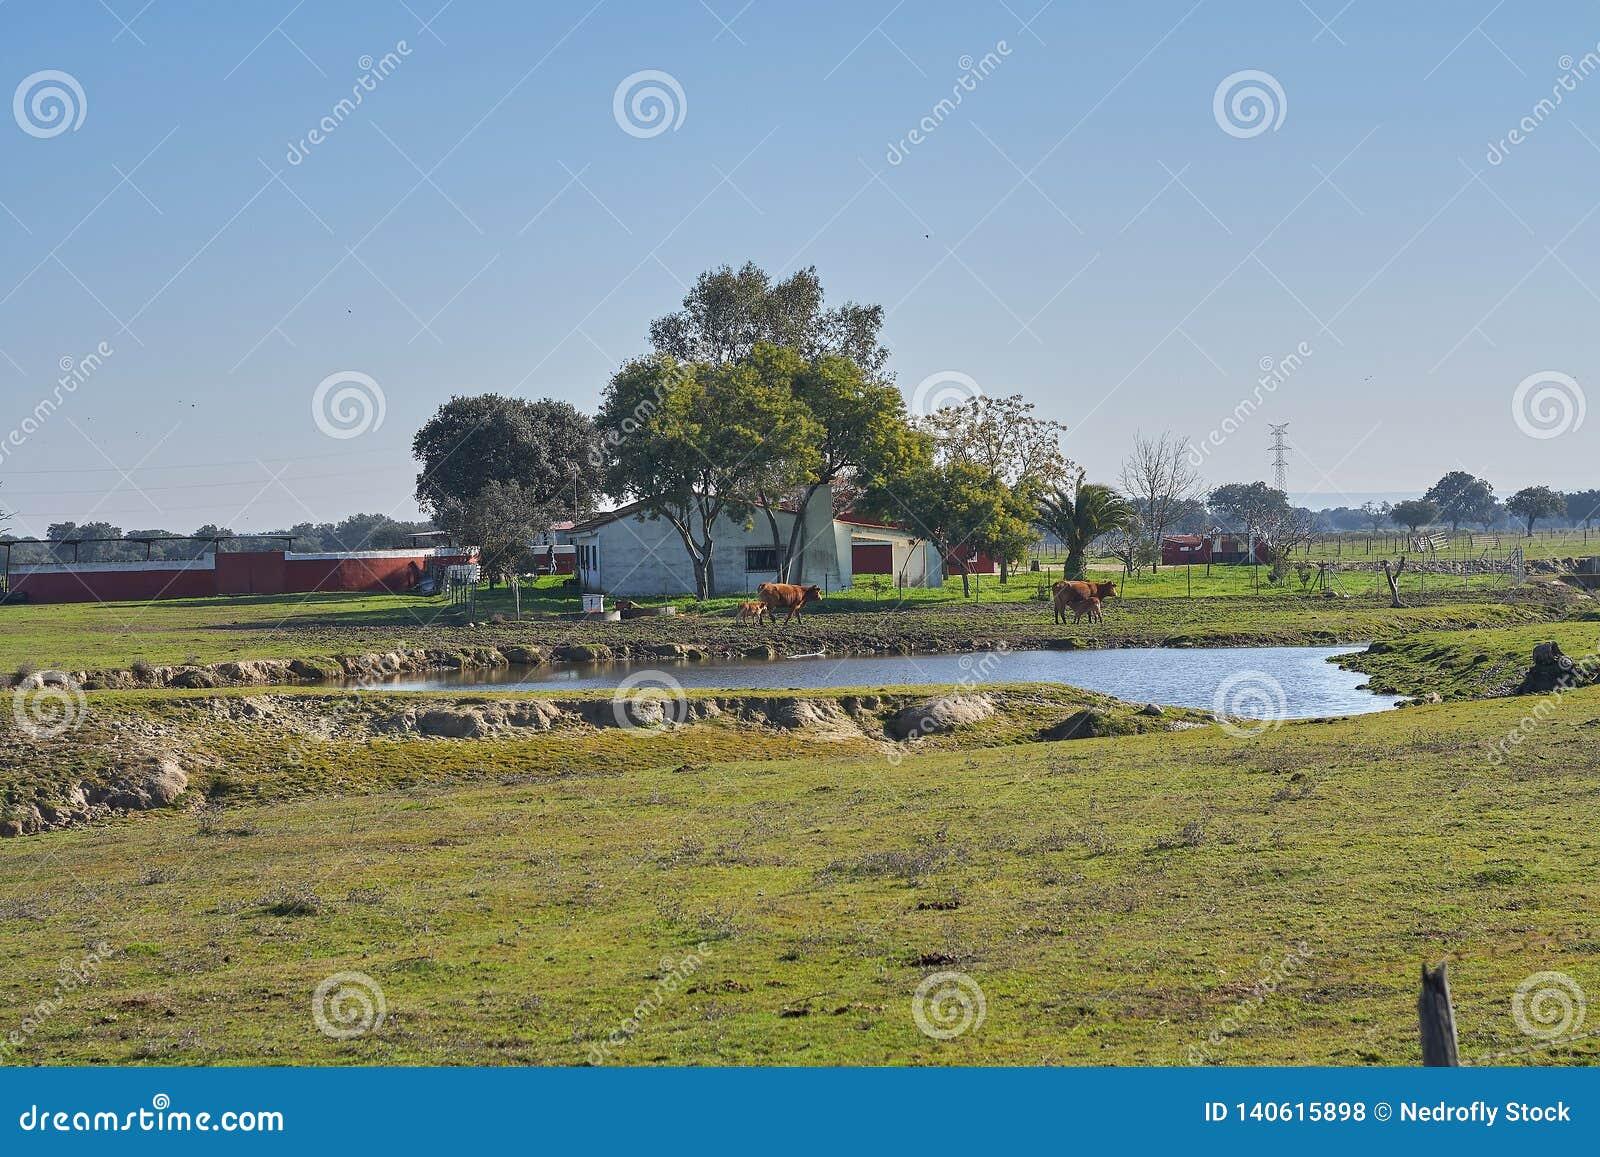 Djur lantgård med kor och sjön